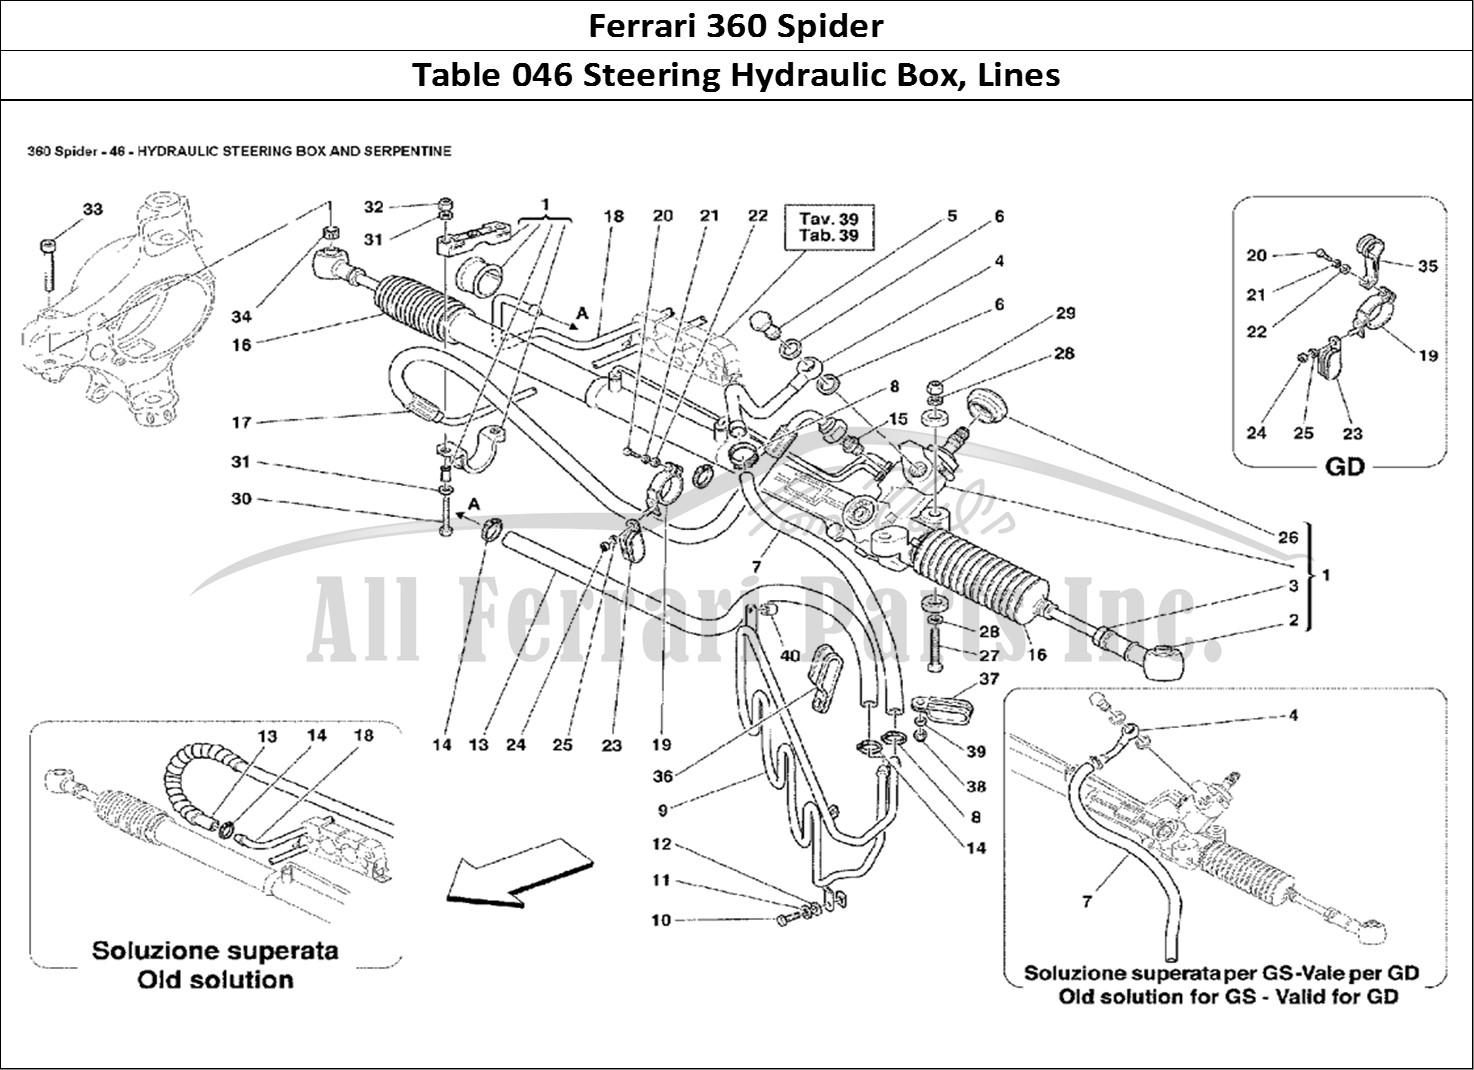 buy original ferrari 360 spider 046 steering hydraulic box  lines ferrari parts  spares